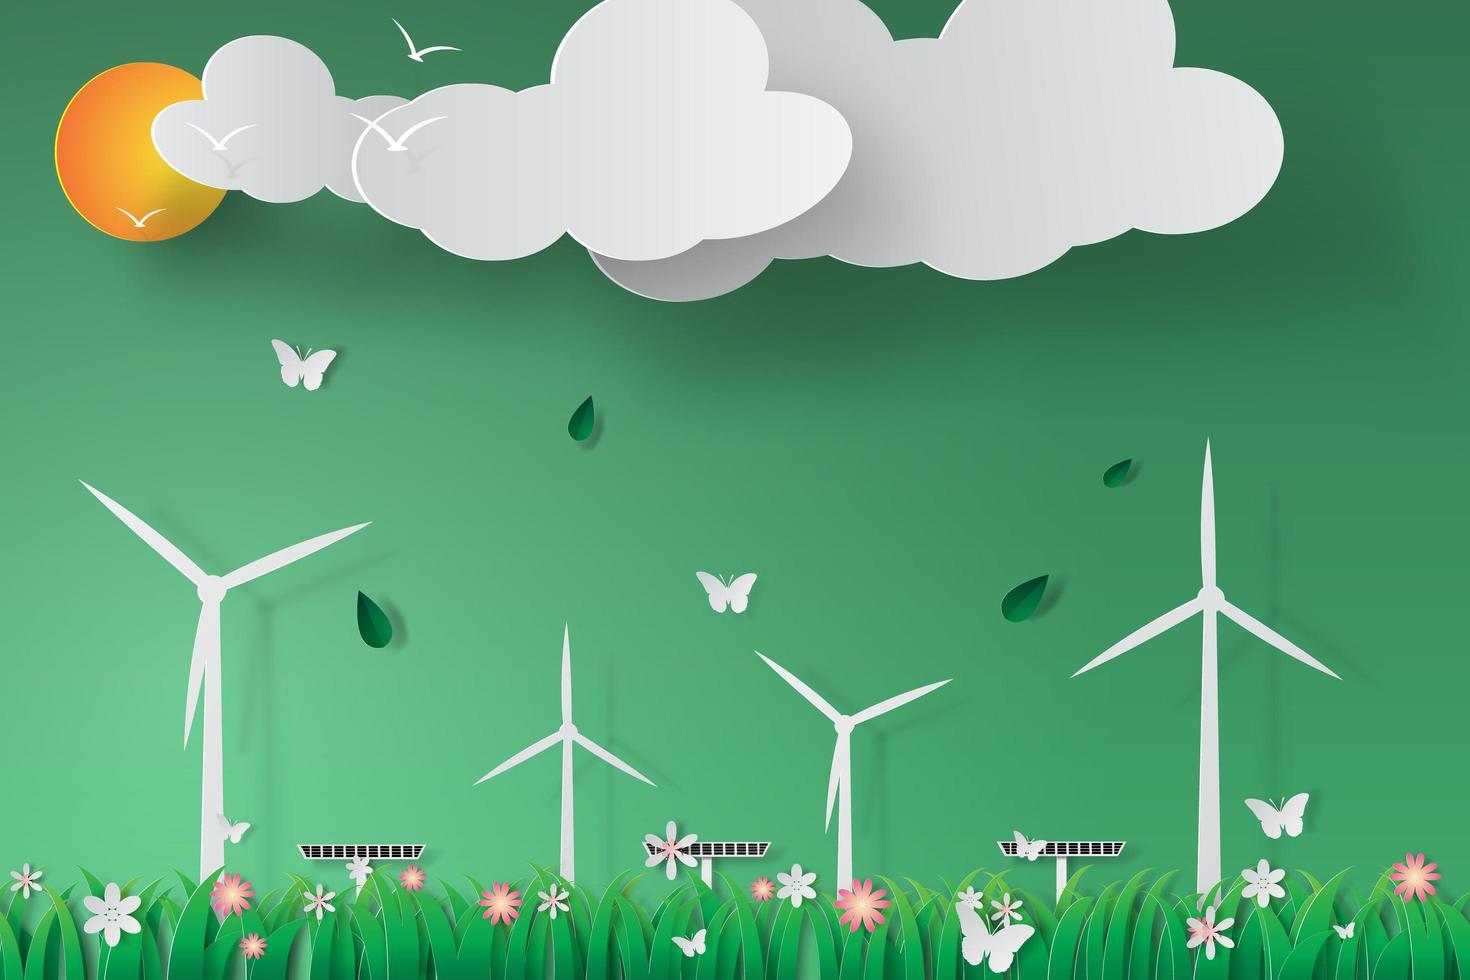 papier art vert éolienne conception d'énergie solaire vecteur